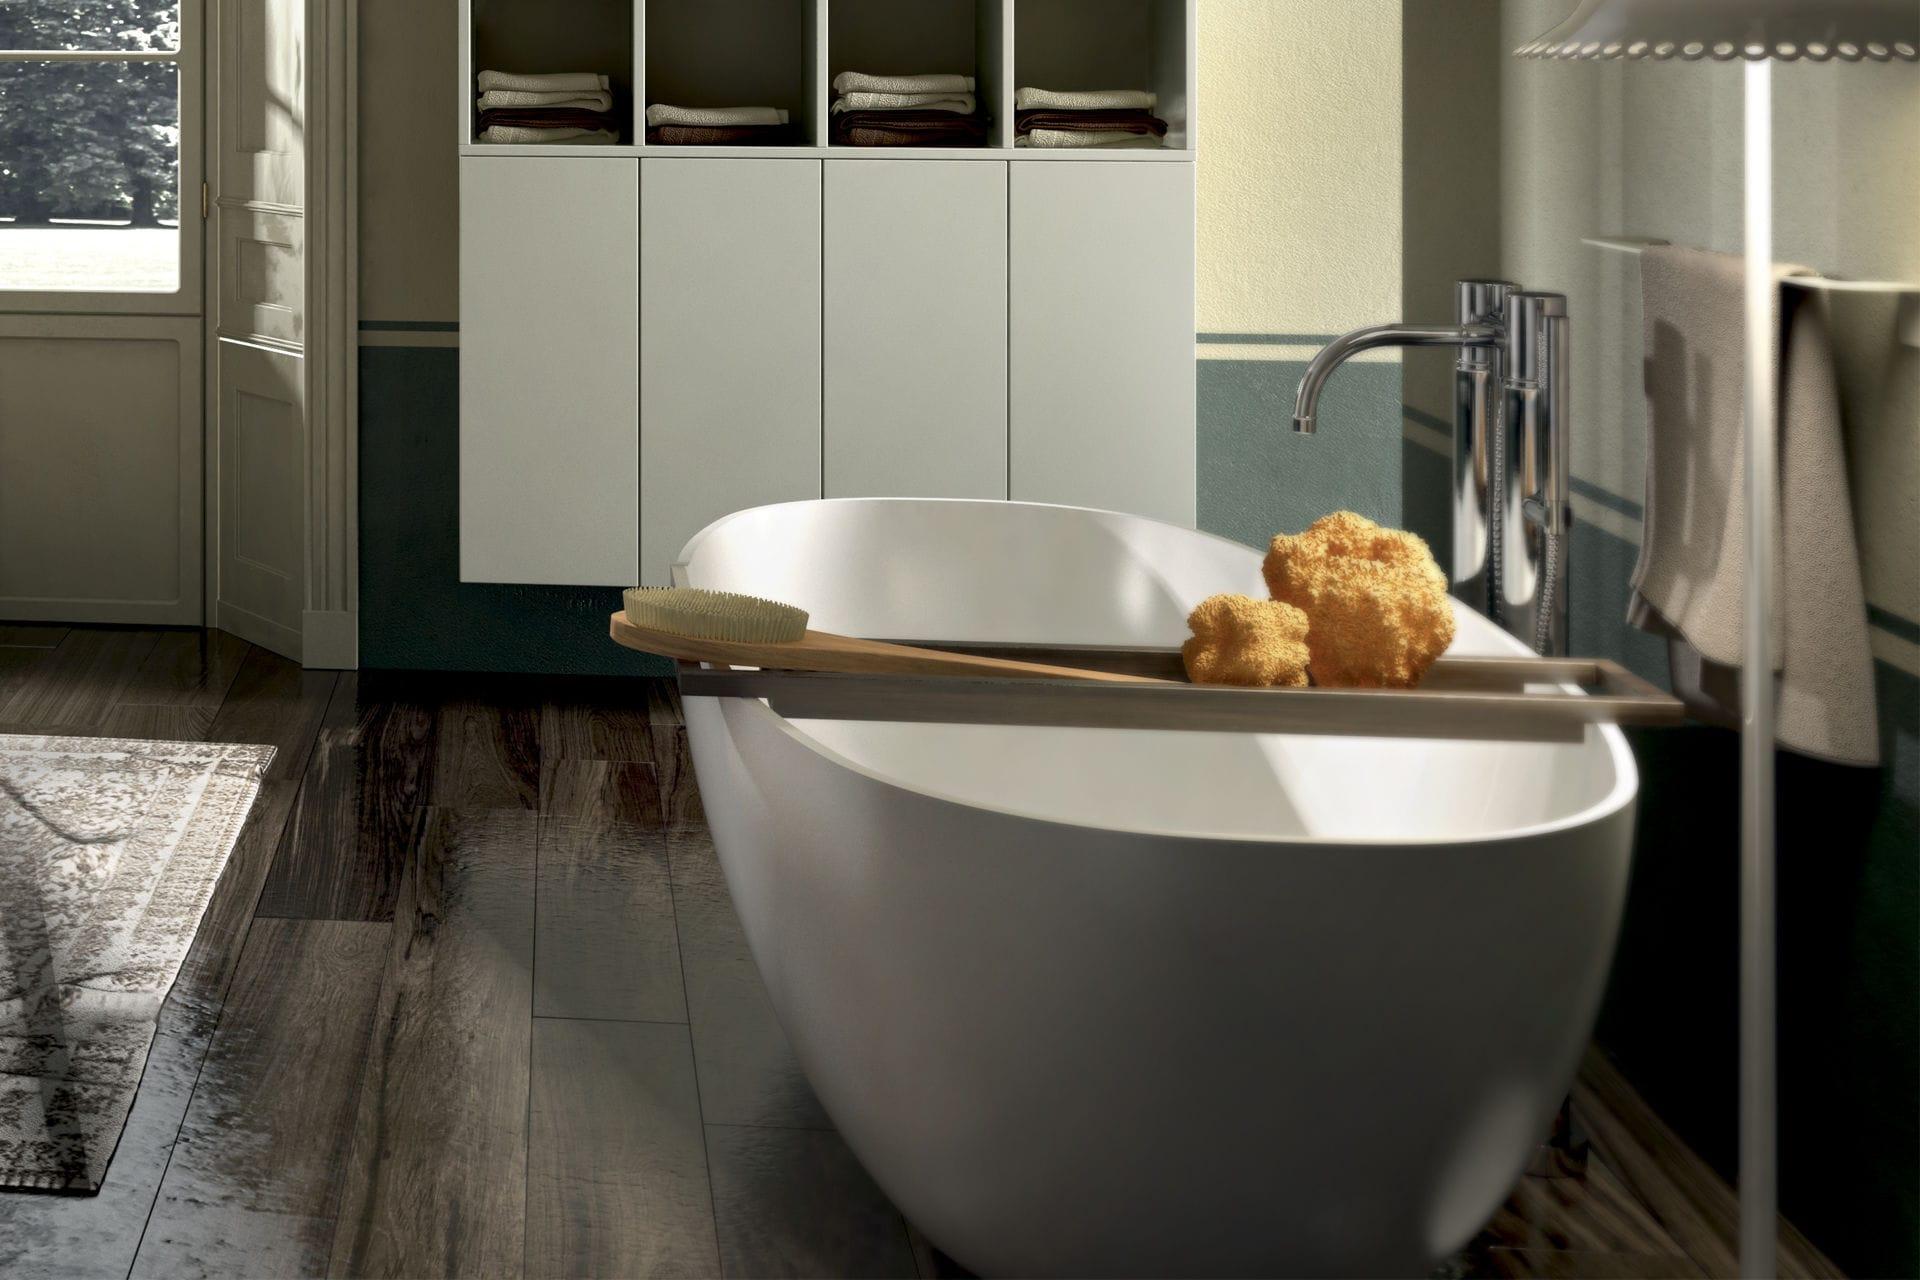 Vasca Da Bagno In Acrilico 180x81x60 Design Freestanding Ovale : Articoli dimensioni vasca da bagno vasca da bagno da appoggio